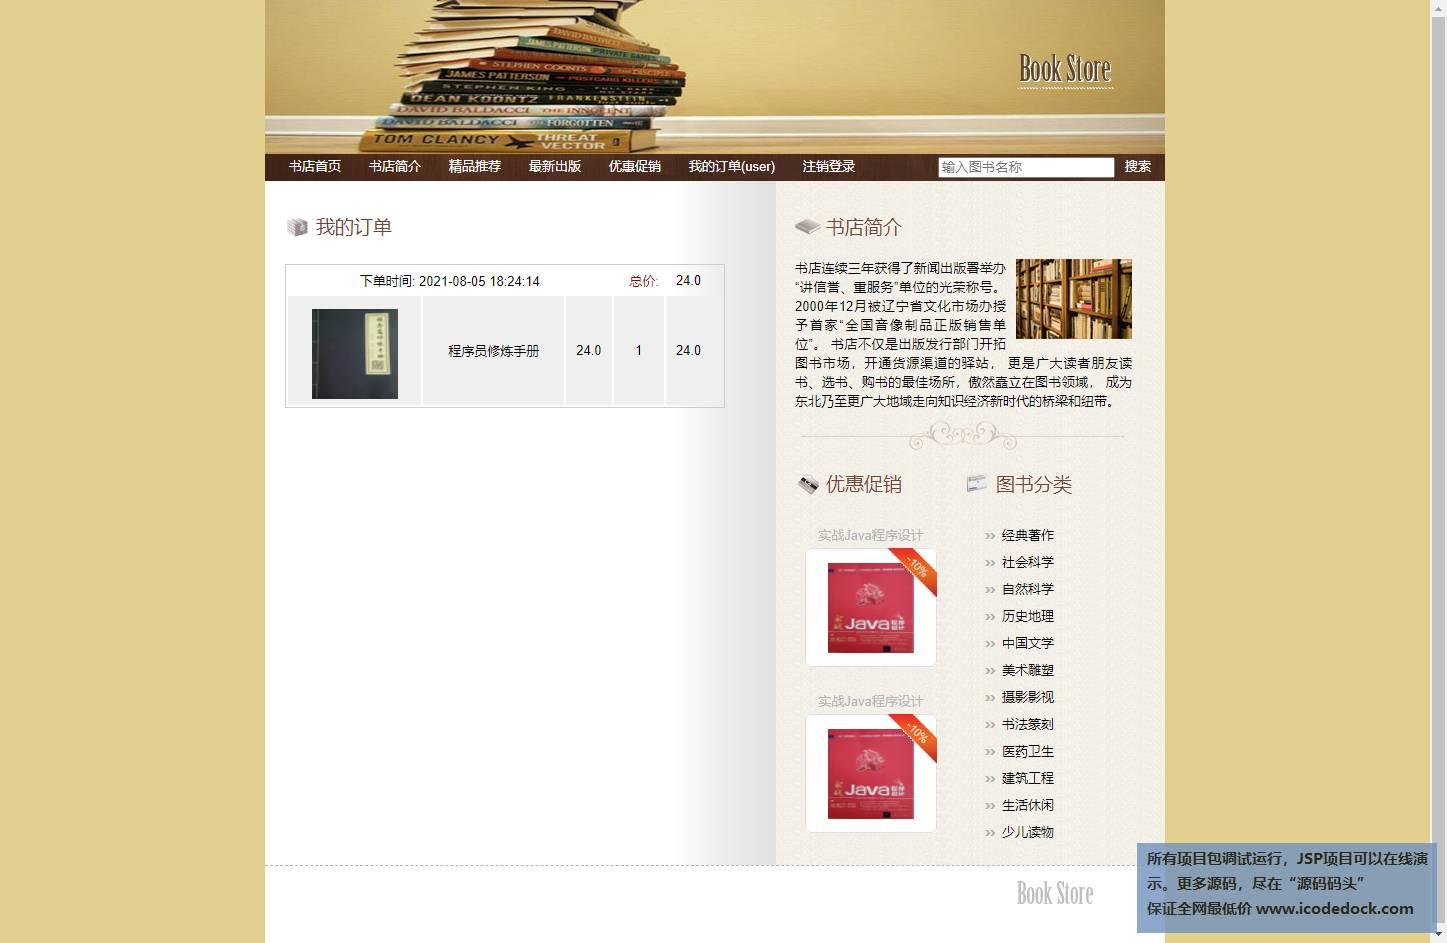 源码码头-SSH实现一个图书销售商场项目网站-用户角色-查看我的订单